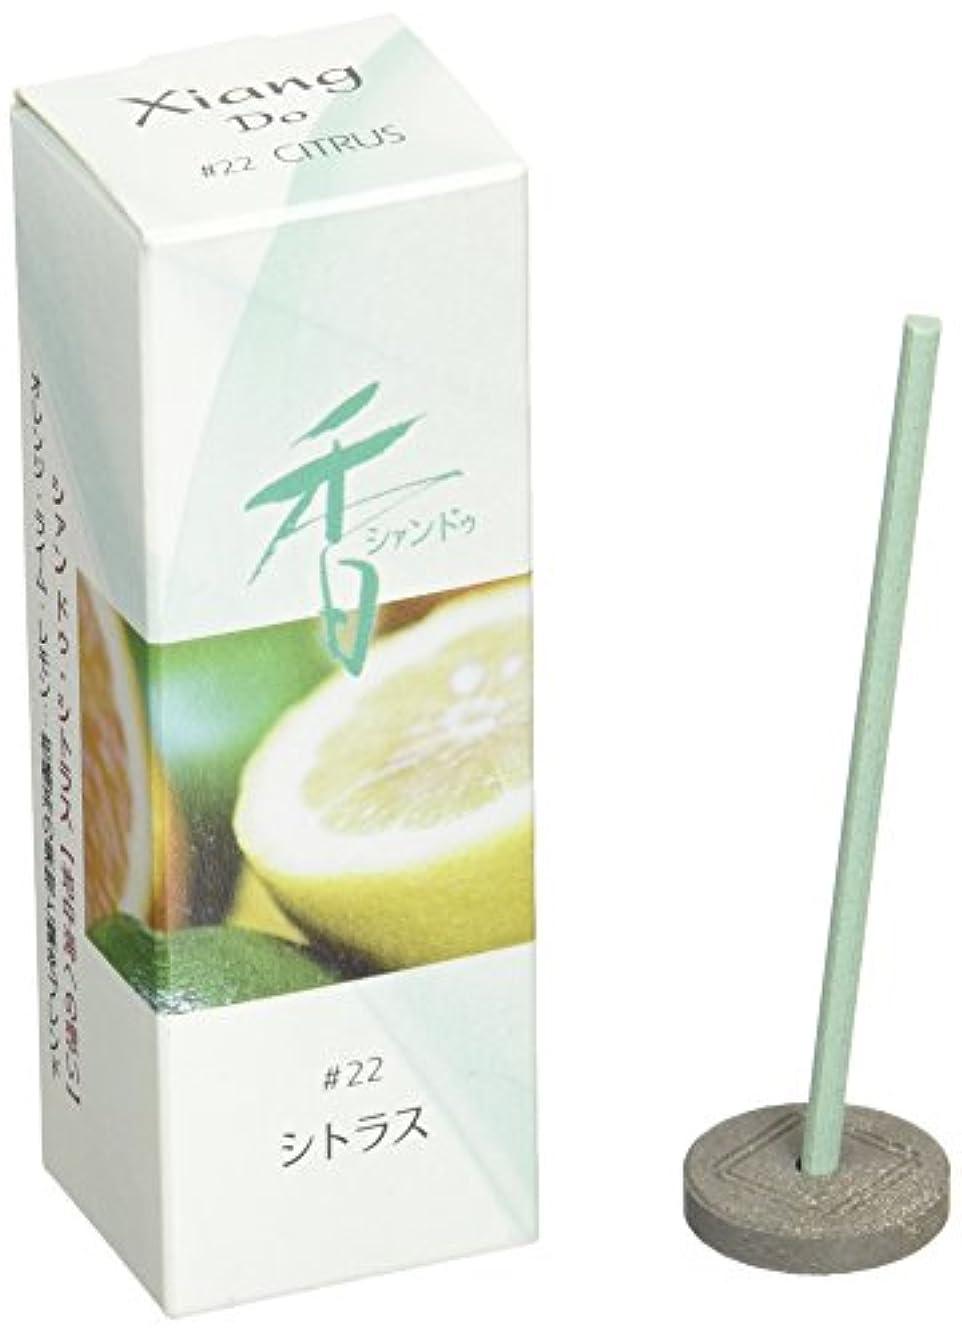 ラベルホールド絶縁する松栄堂のお香 Xiang Do(シャンドゥ) シトラス ST20本入 簡易香立付 #214222